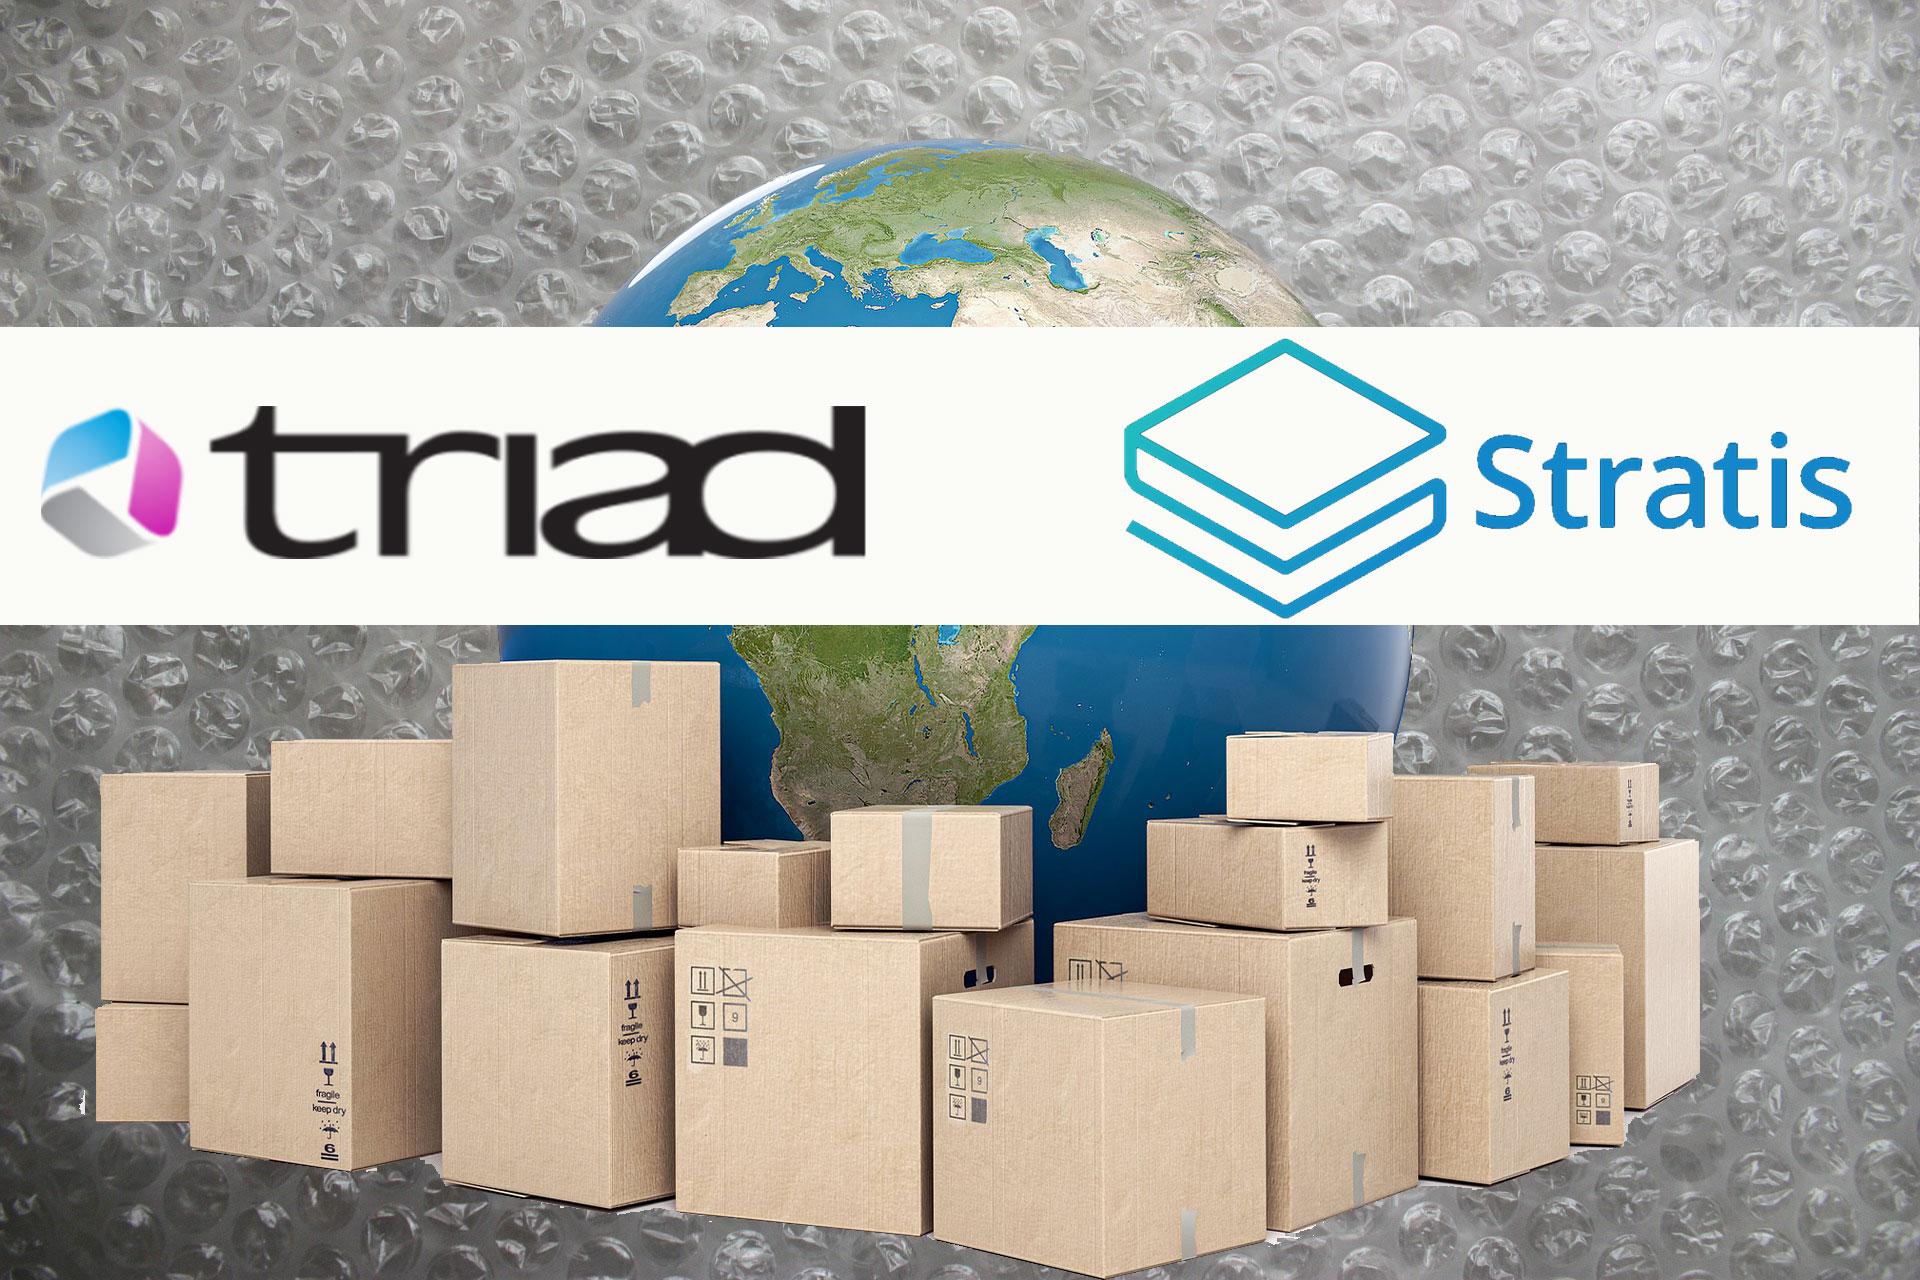 英国IT企業TriadがブロックチェーンプラットフォームStratisと提携、荷物追跡アプリを開発